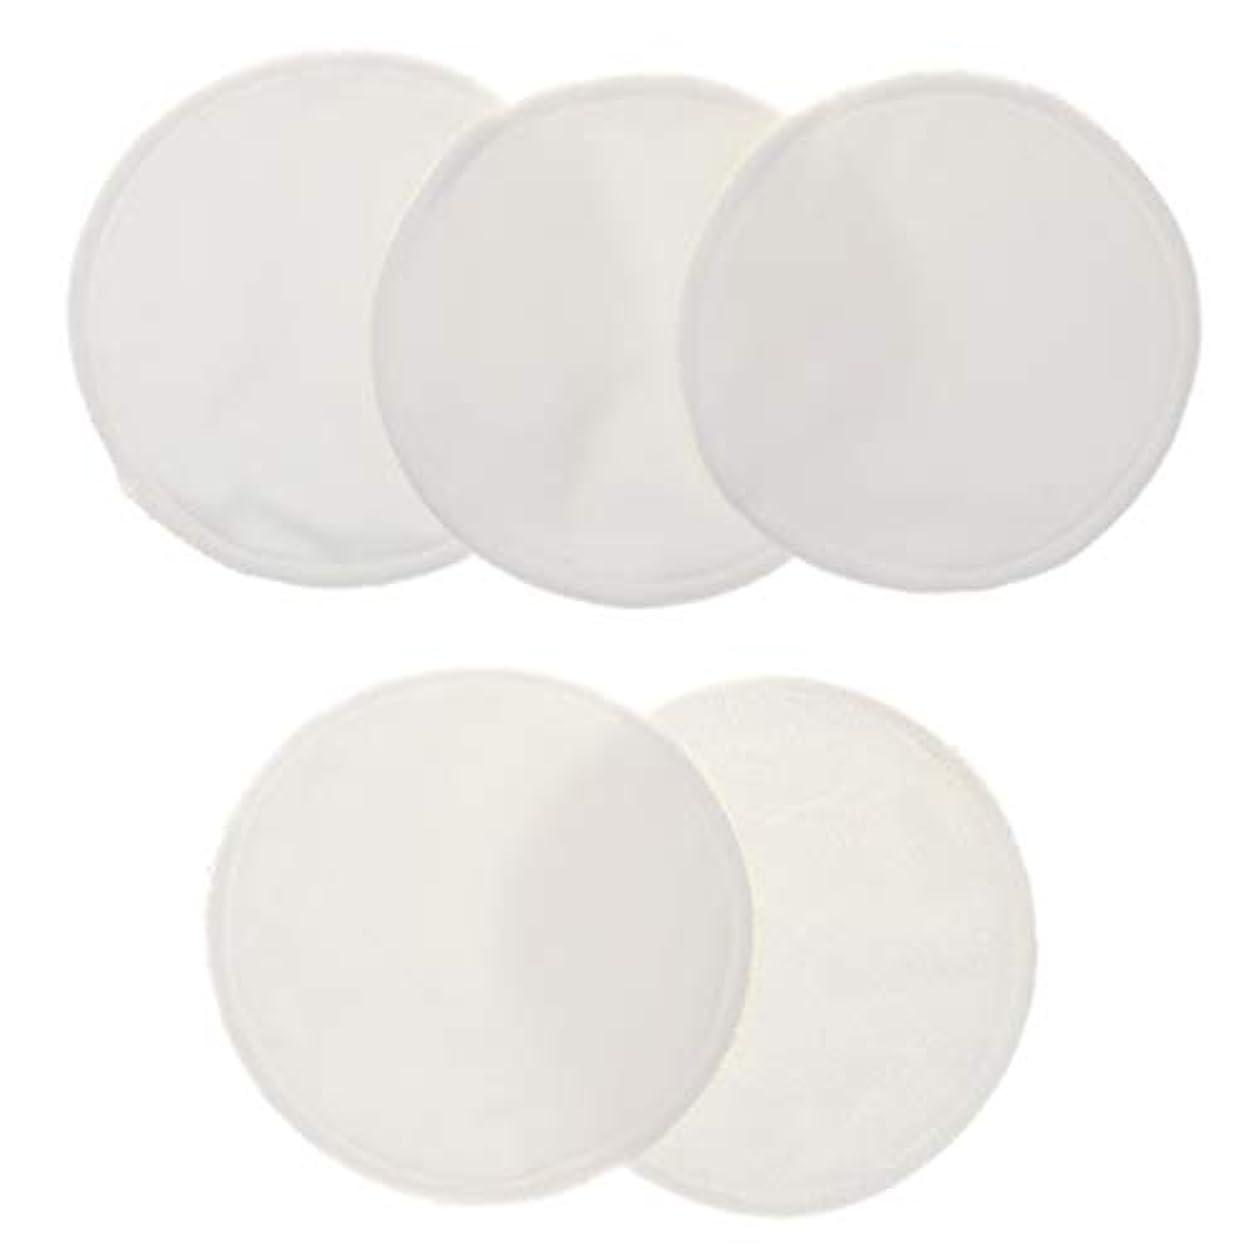 散歩交換可能起点CUTICATE 5個 クレンジングシート 胸パッド 化粧用 竹繊維 円形 12cm 洗える 再使用可能 耐久性 全5色 - 白